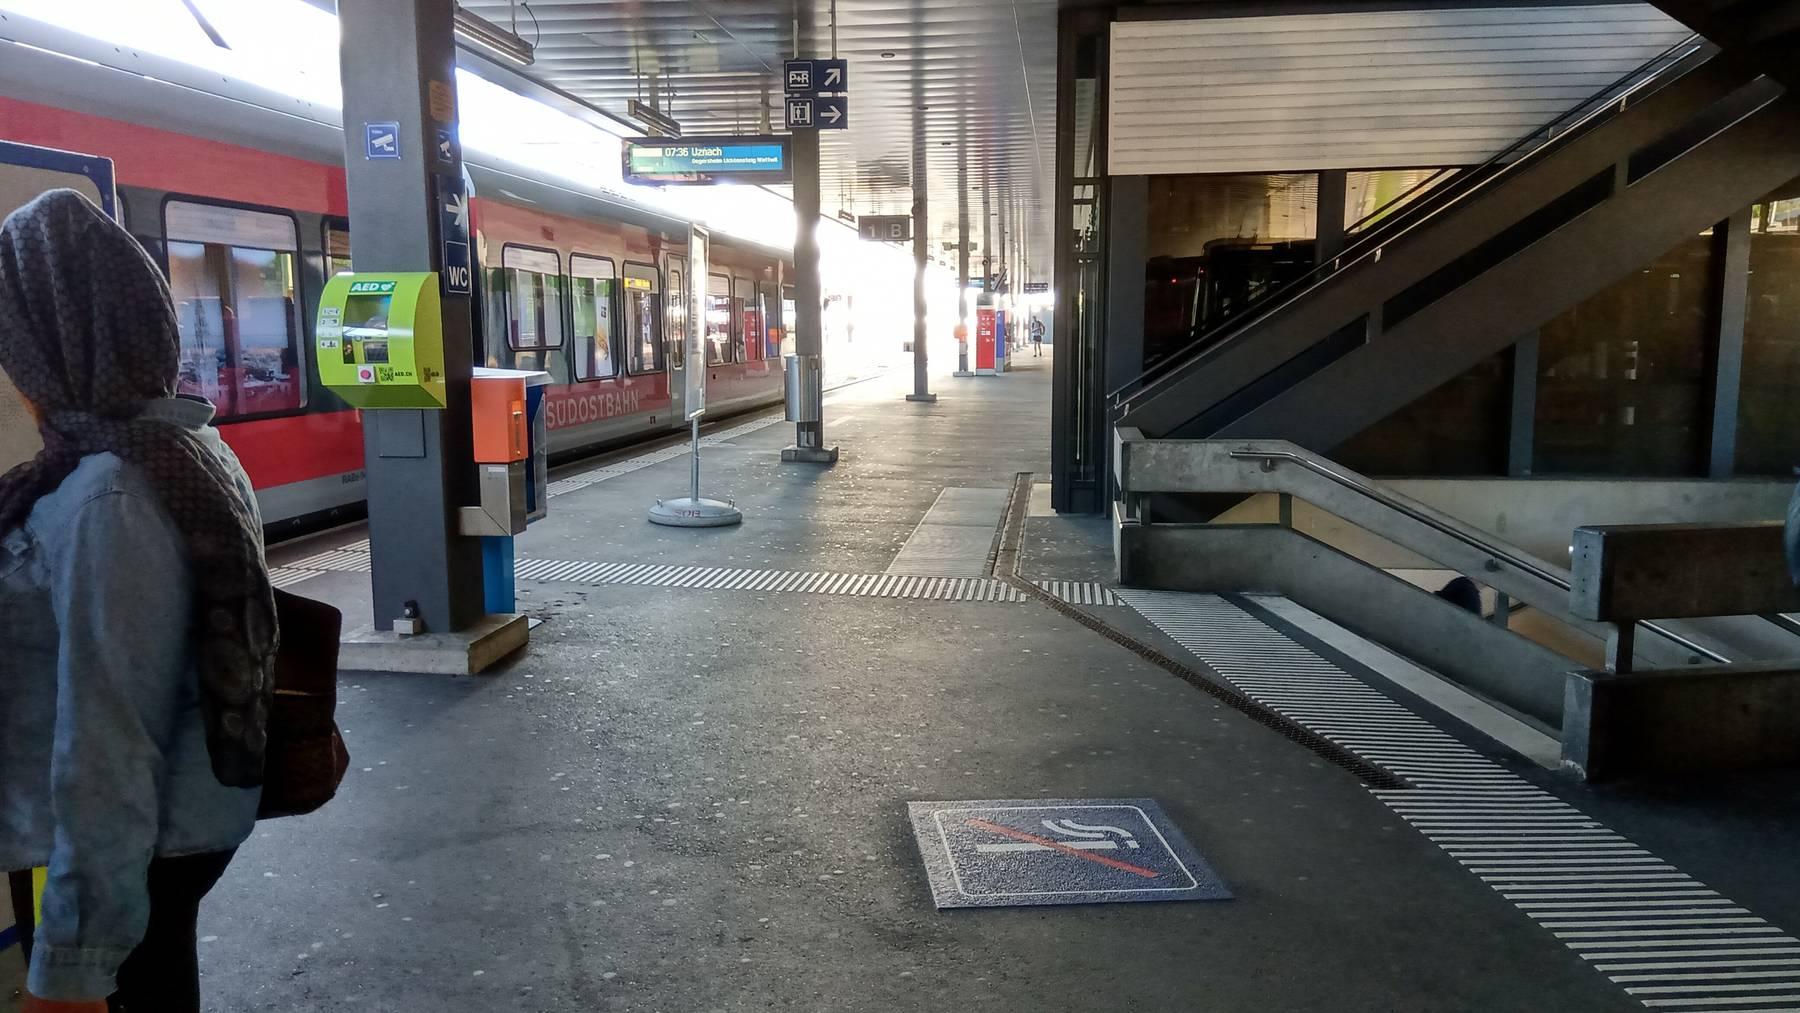 Am Bahnhof Herisau darf nicht mehr überall geraucht werden.